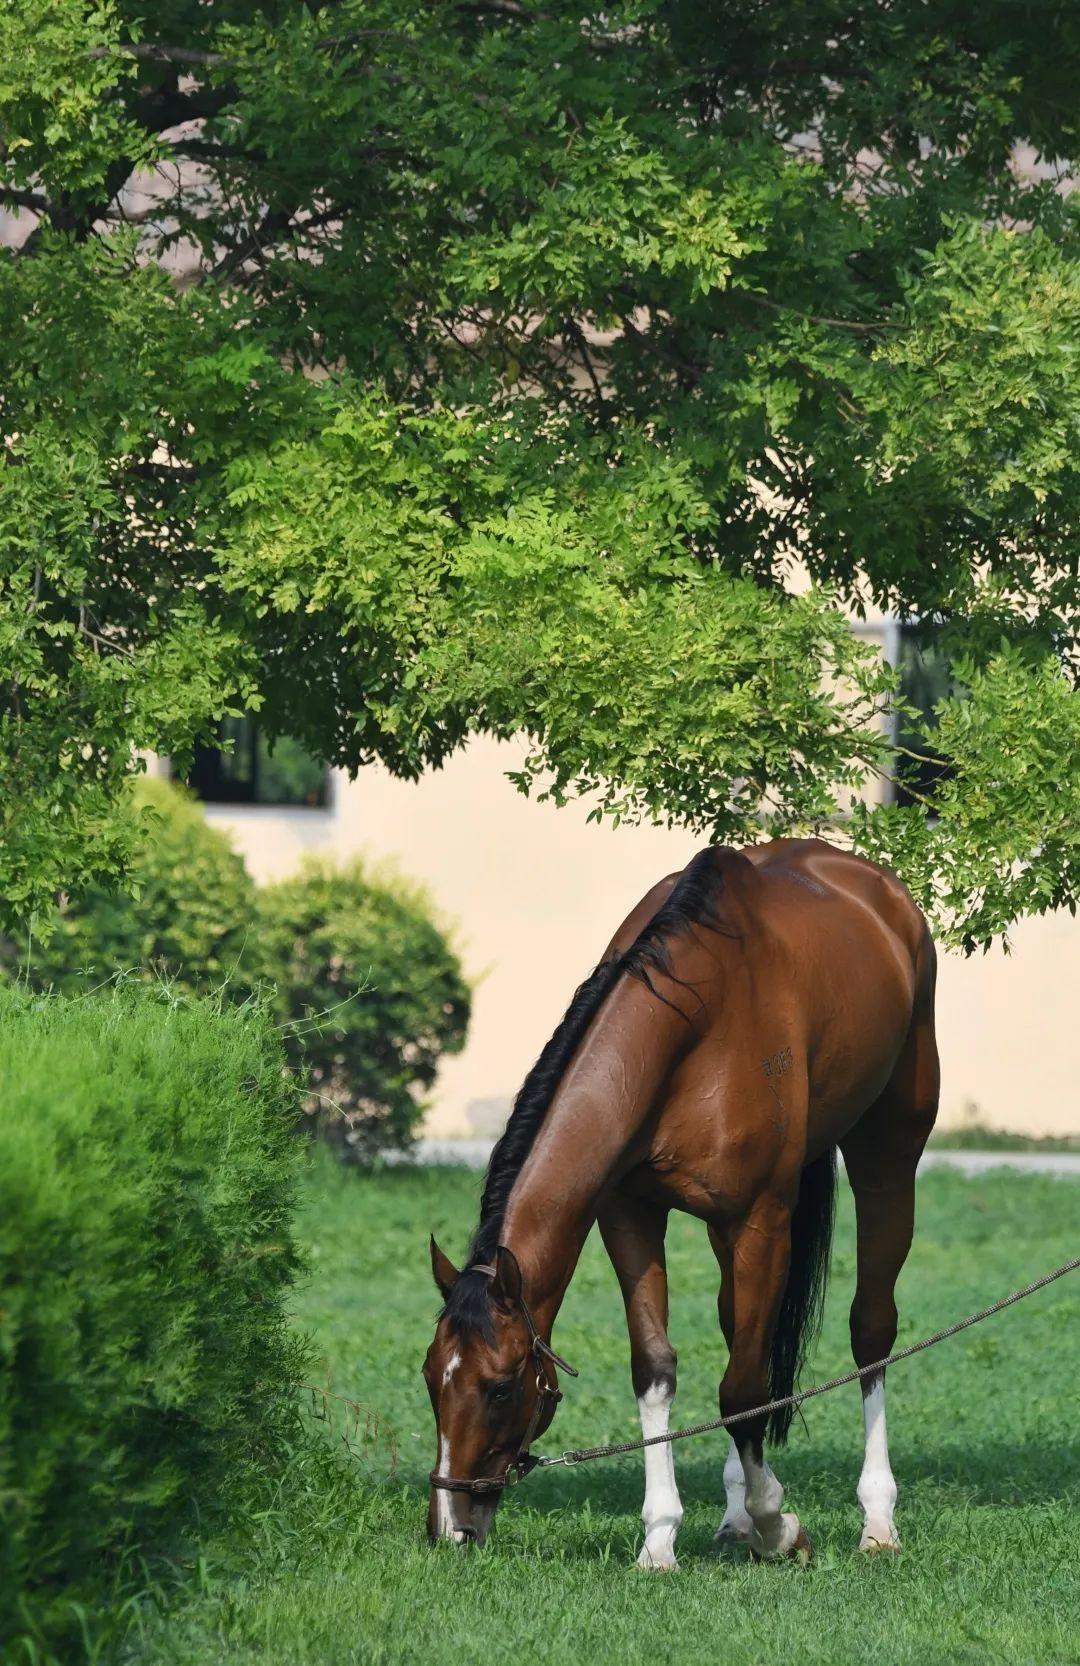 选马,不能仅仅靠一见钟情!